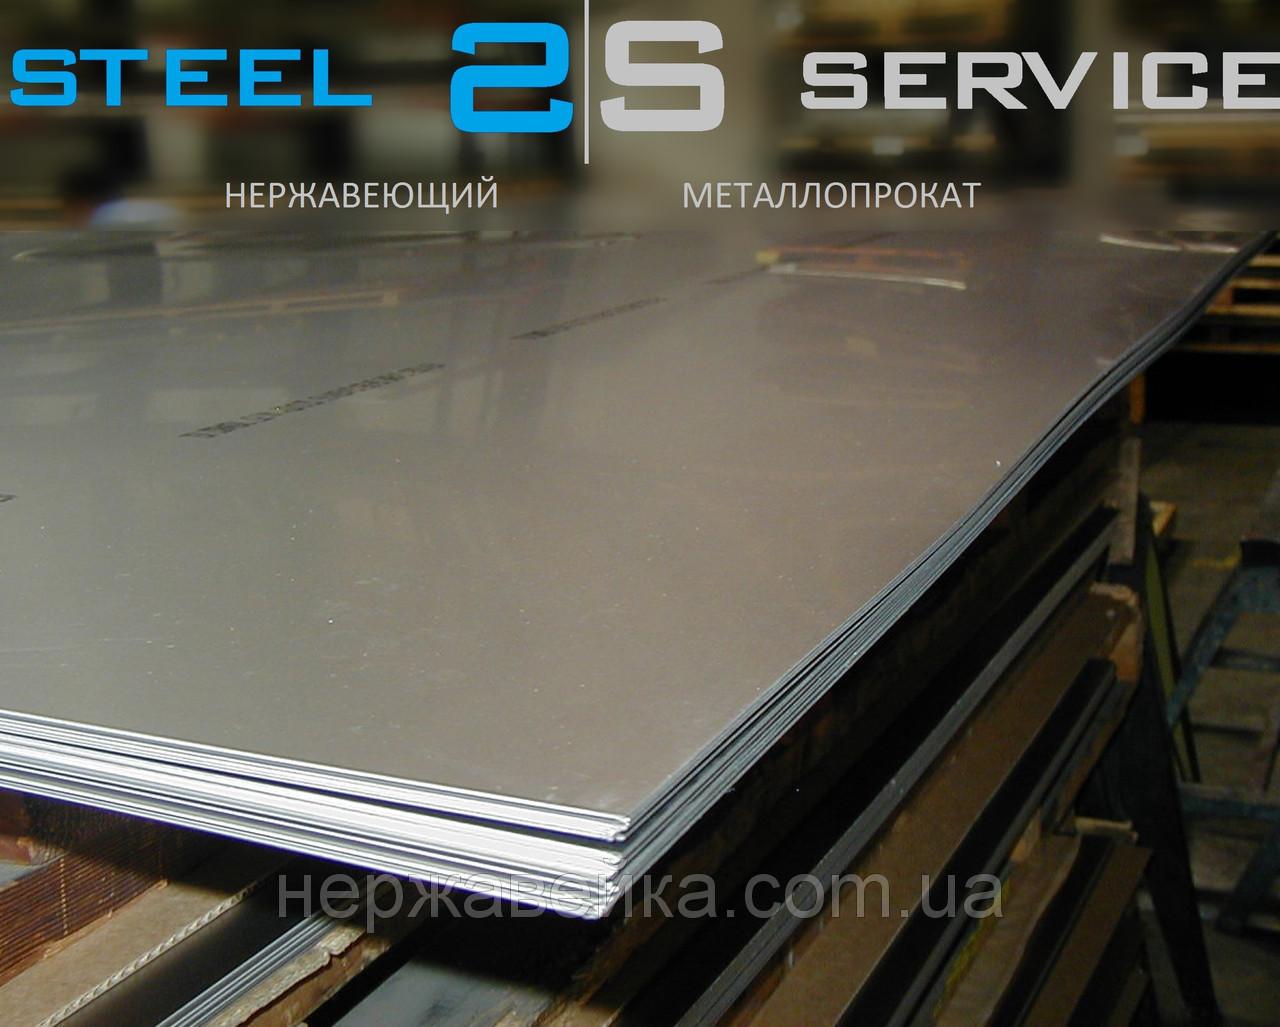 Нержавейка лист 3х1500х3000мм AISI 430(12Х17) 4N - шлифованный, технический